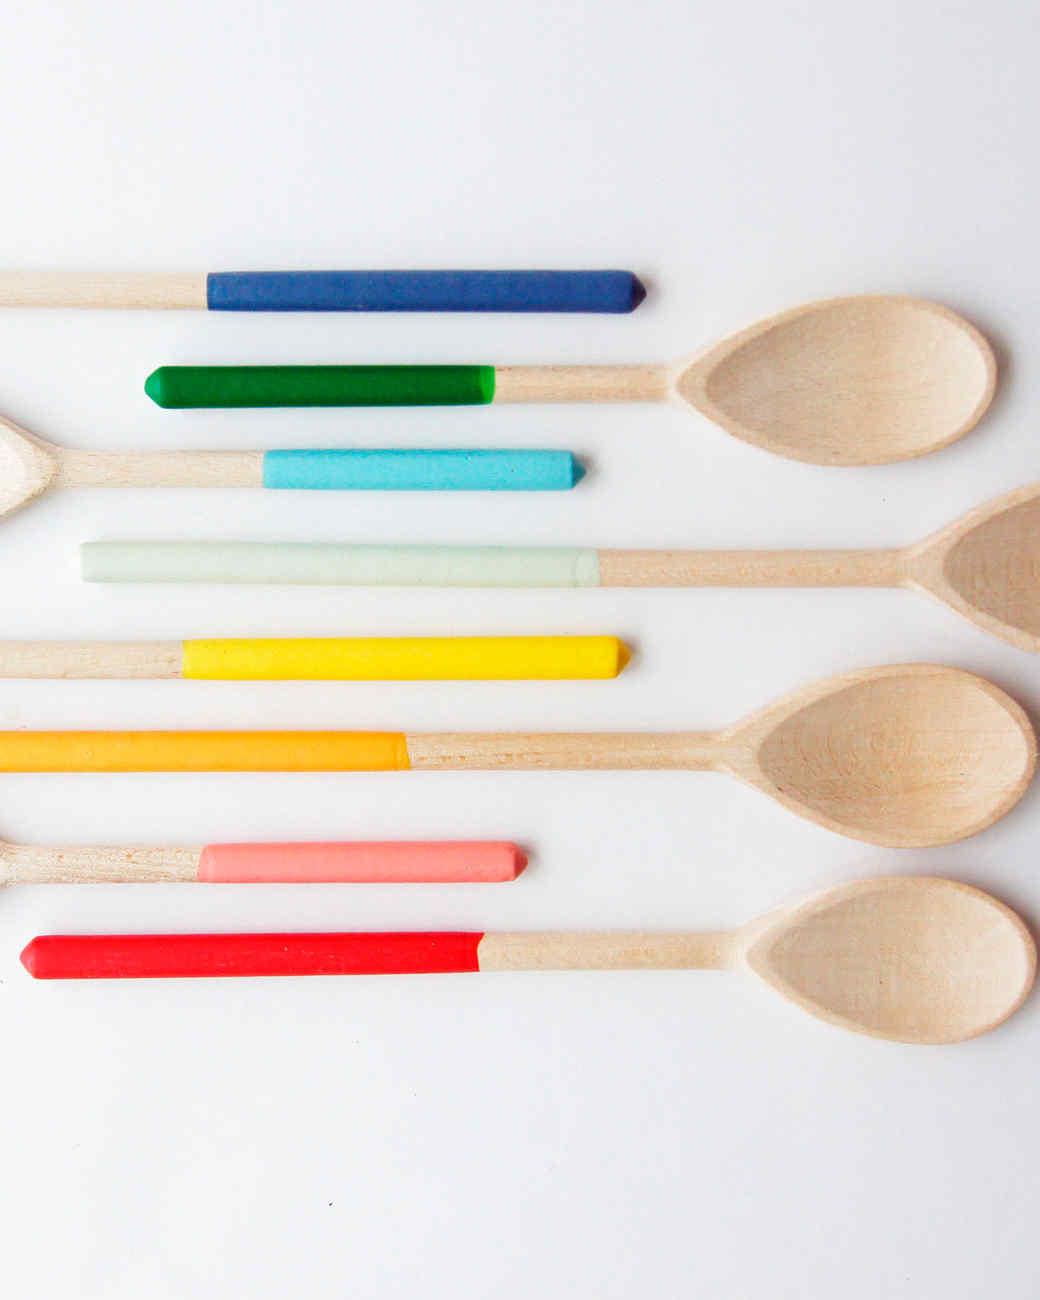 wind-willow-wooden-spoon-am-032014.jpg